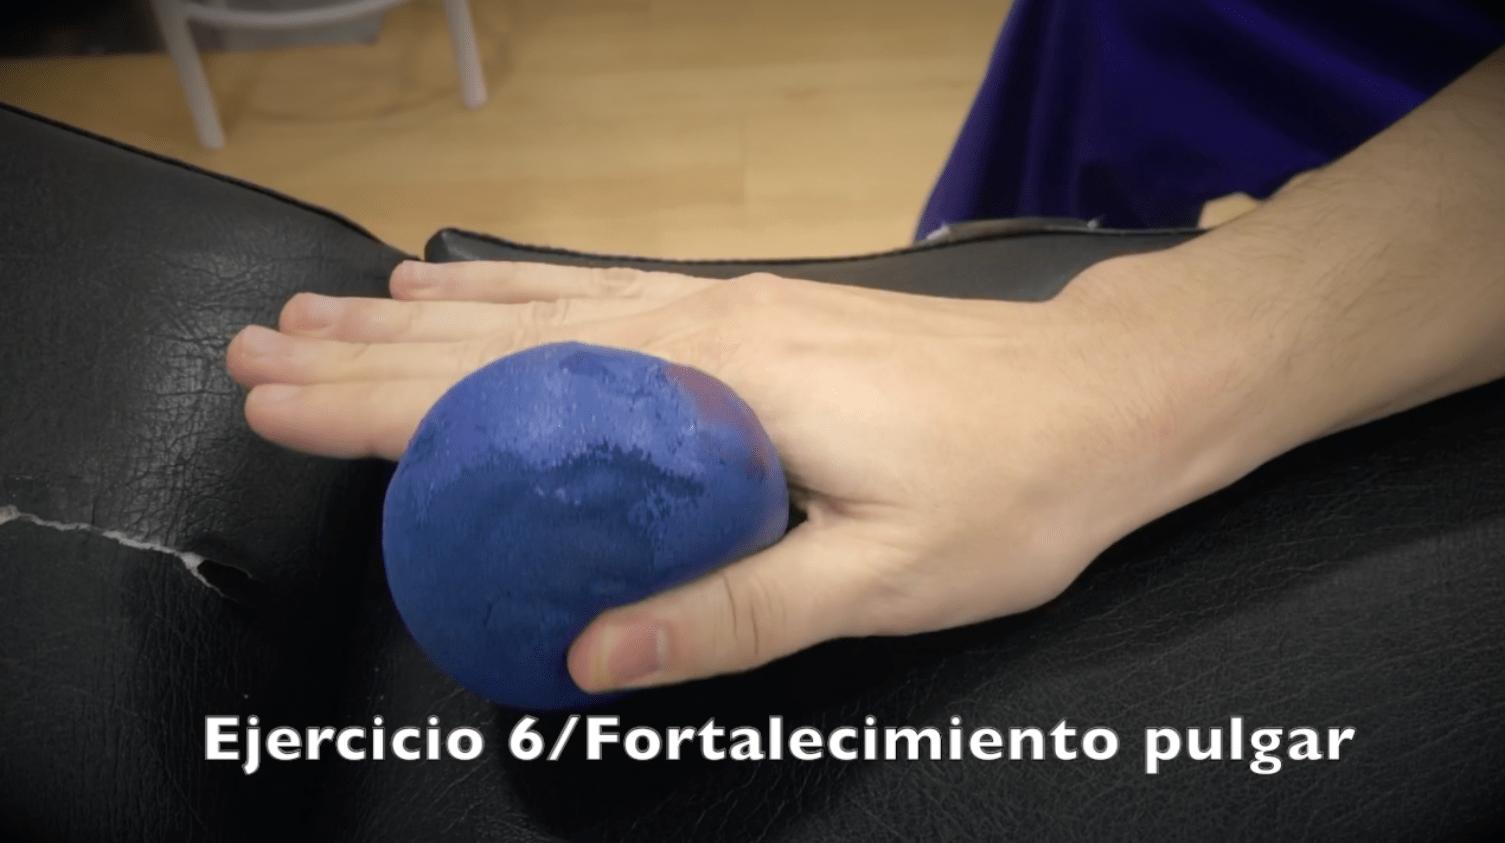 Ejercicios para fractura de muñeca fortalecimiento pulgar fisioterapeuta enrique sierra